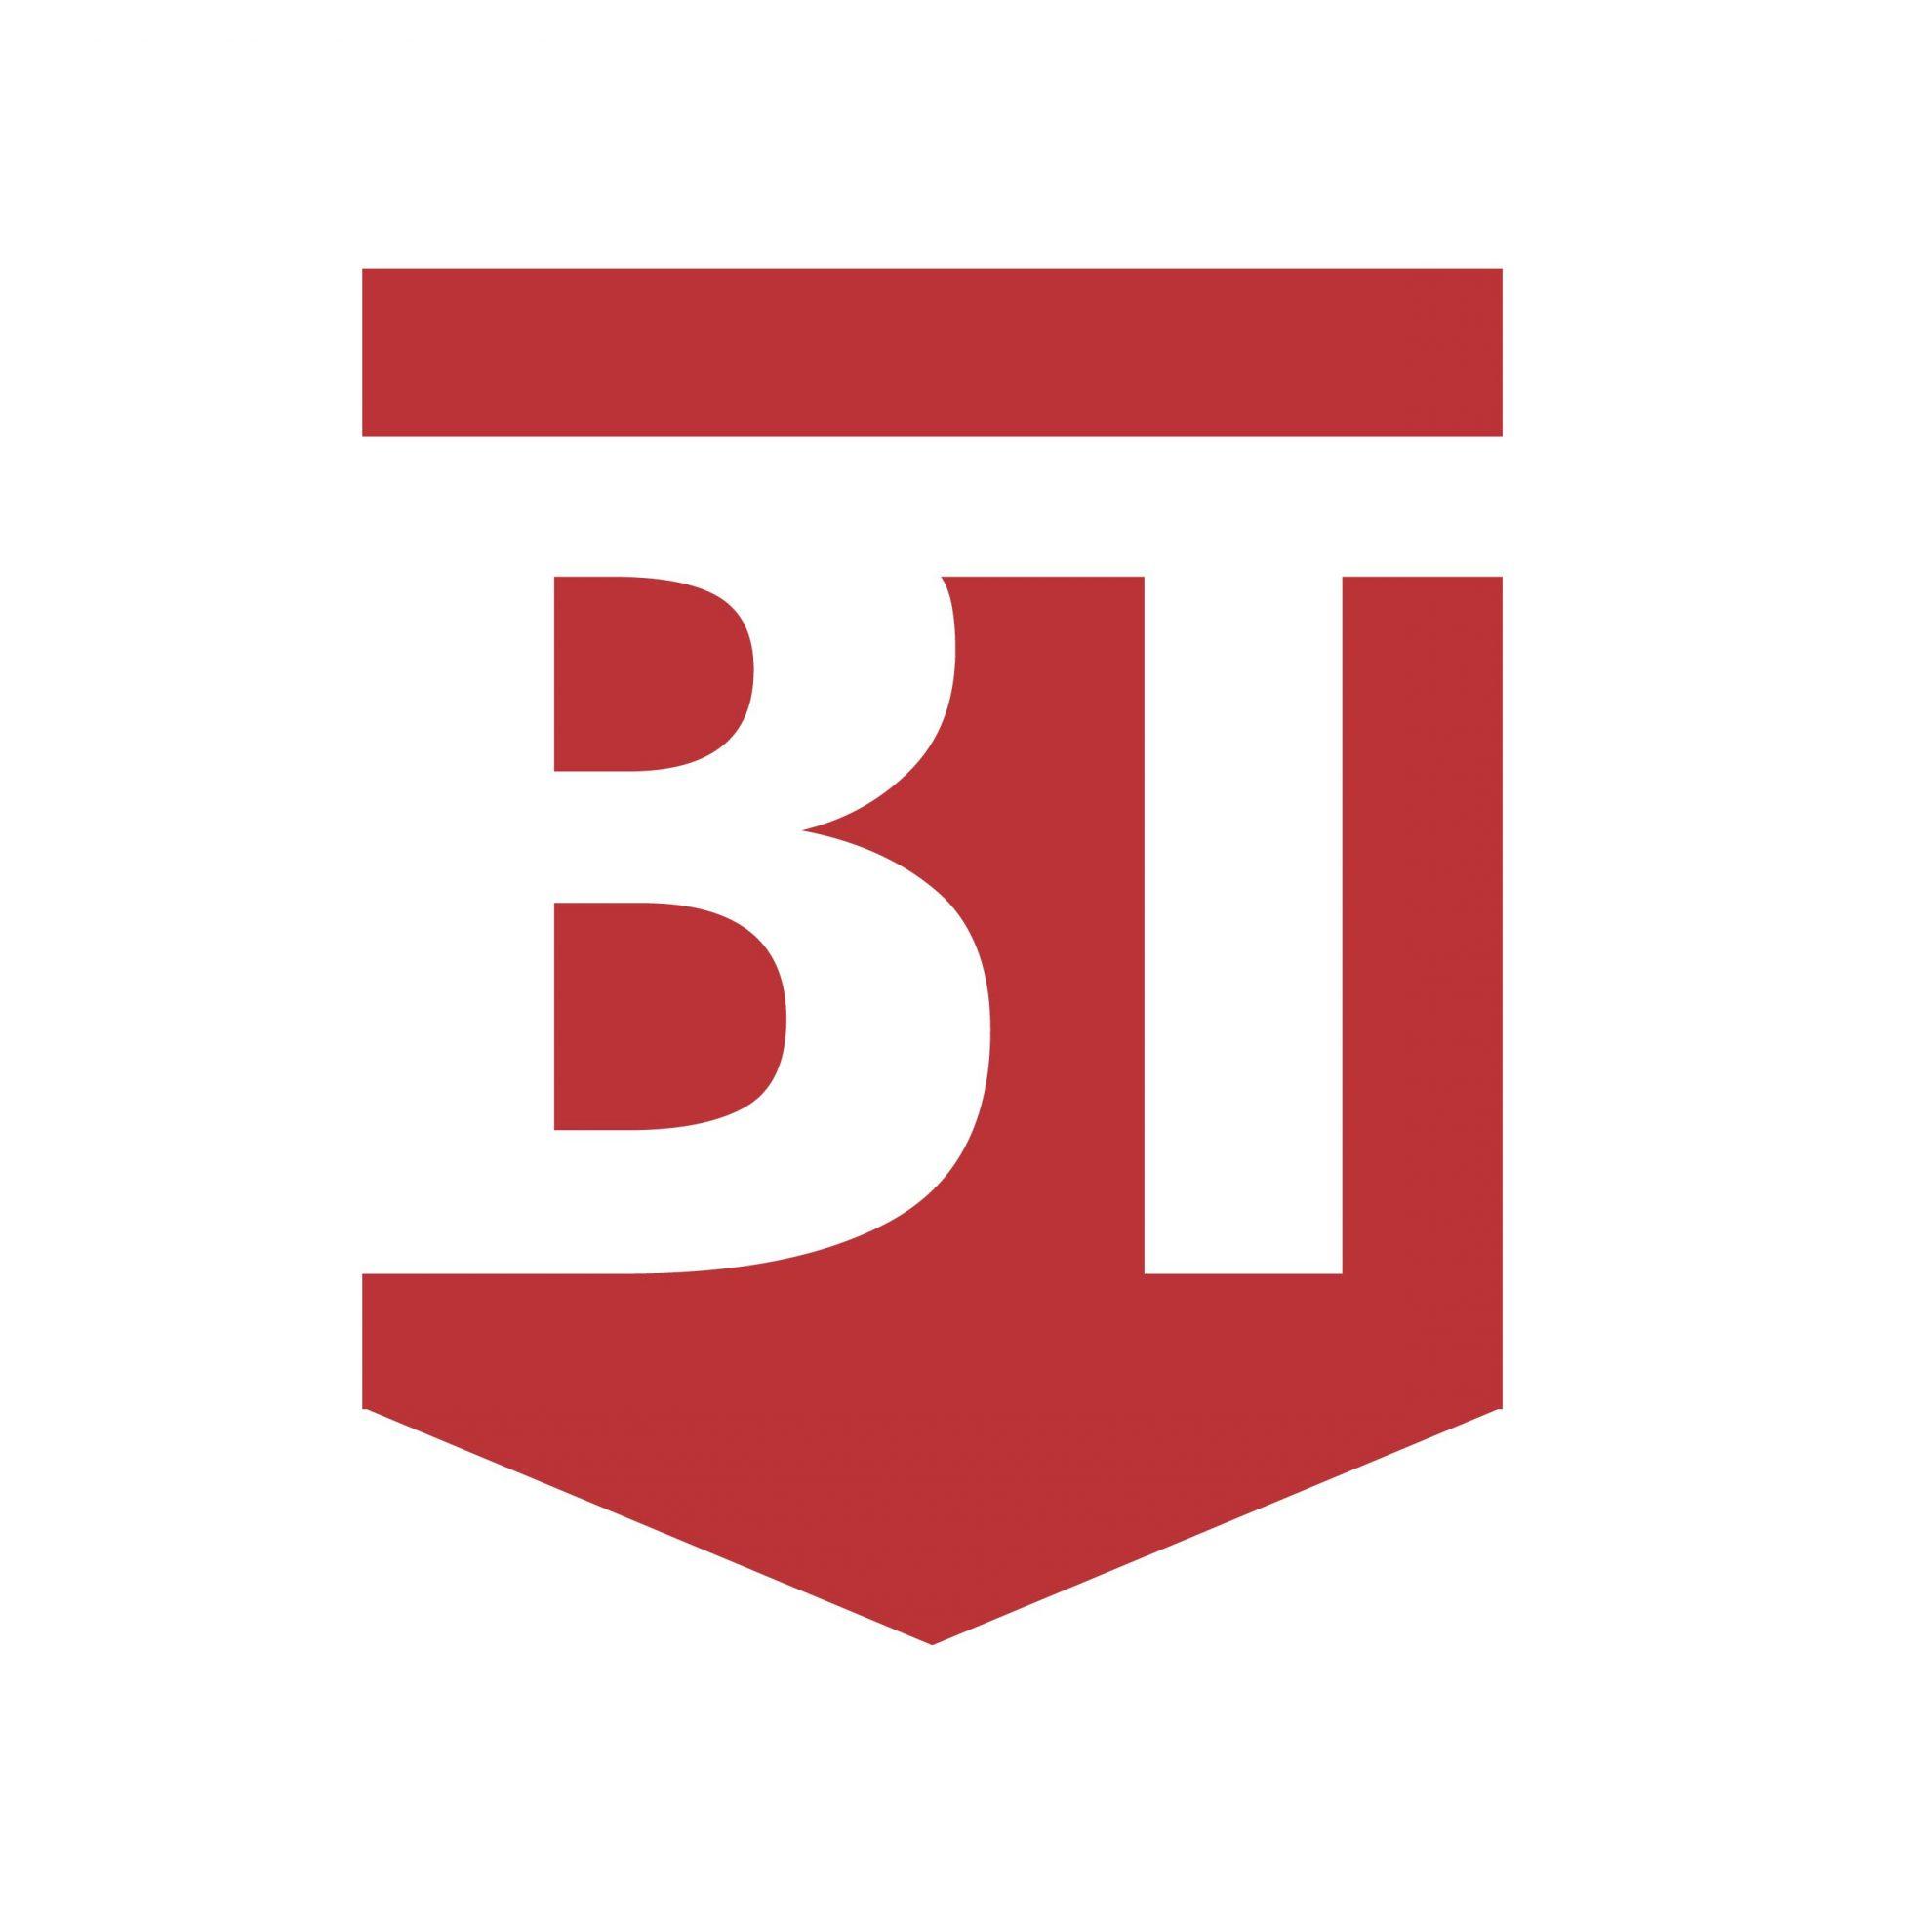 BT Event